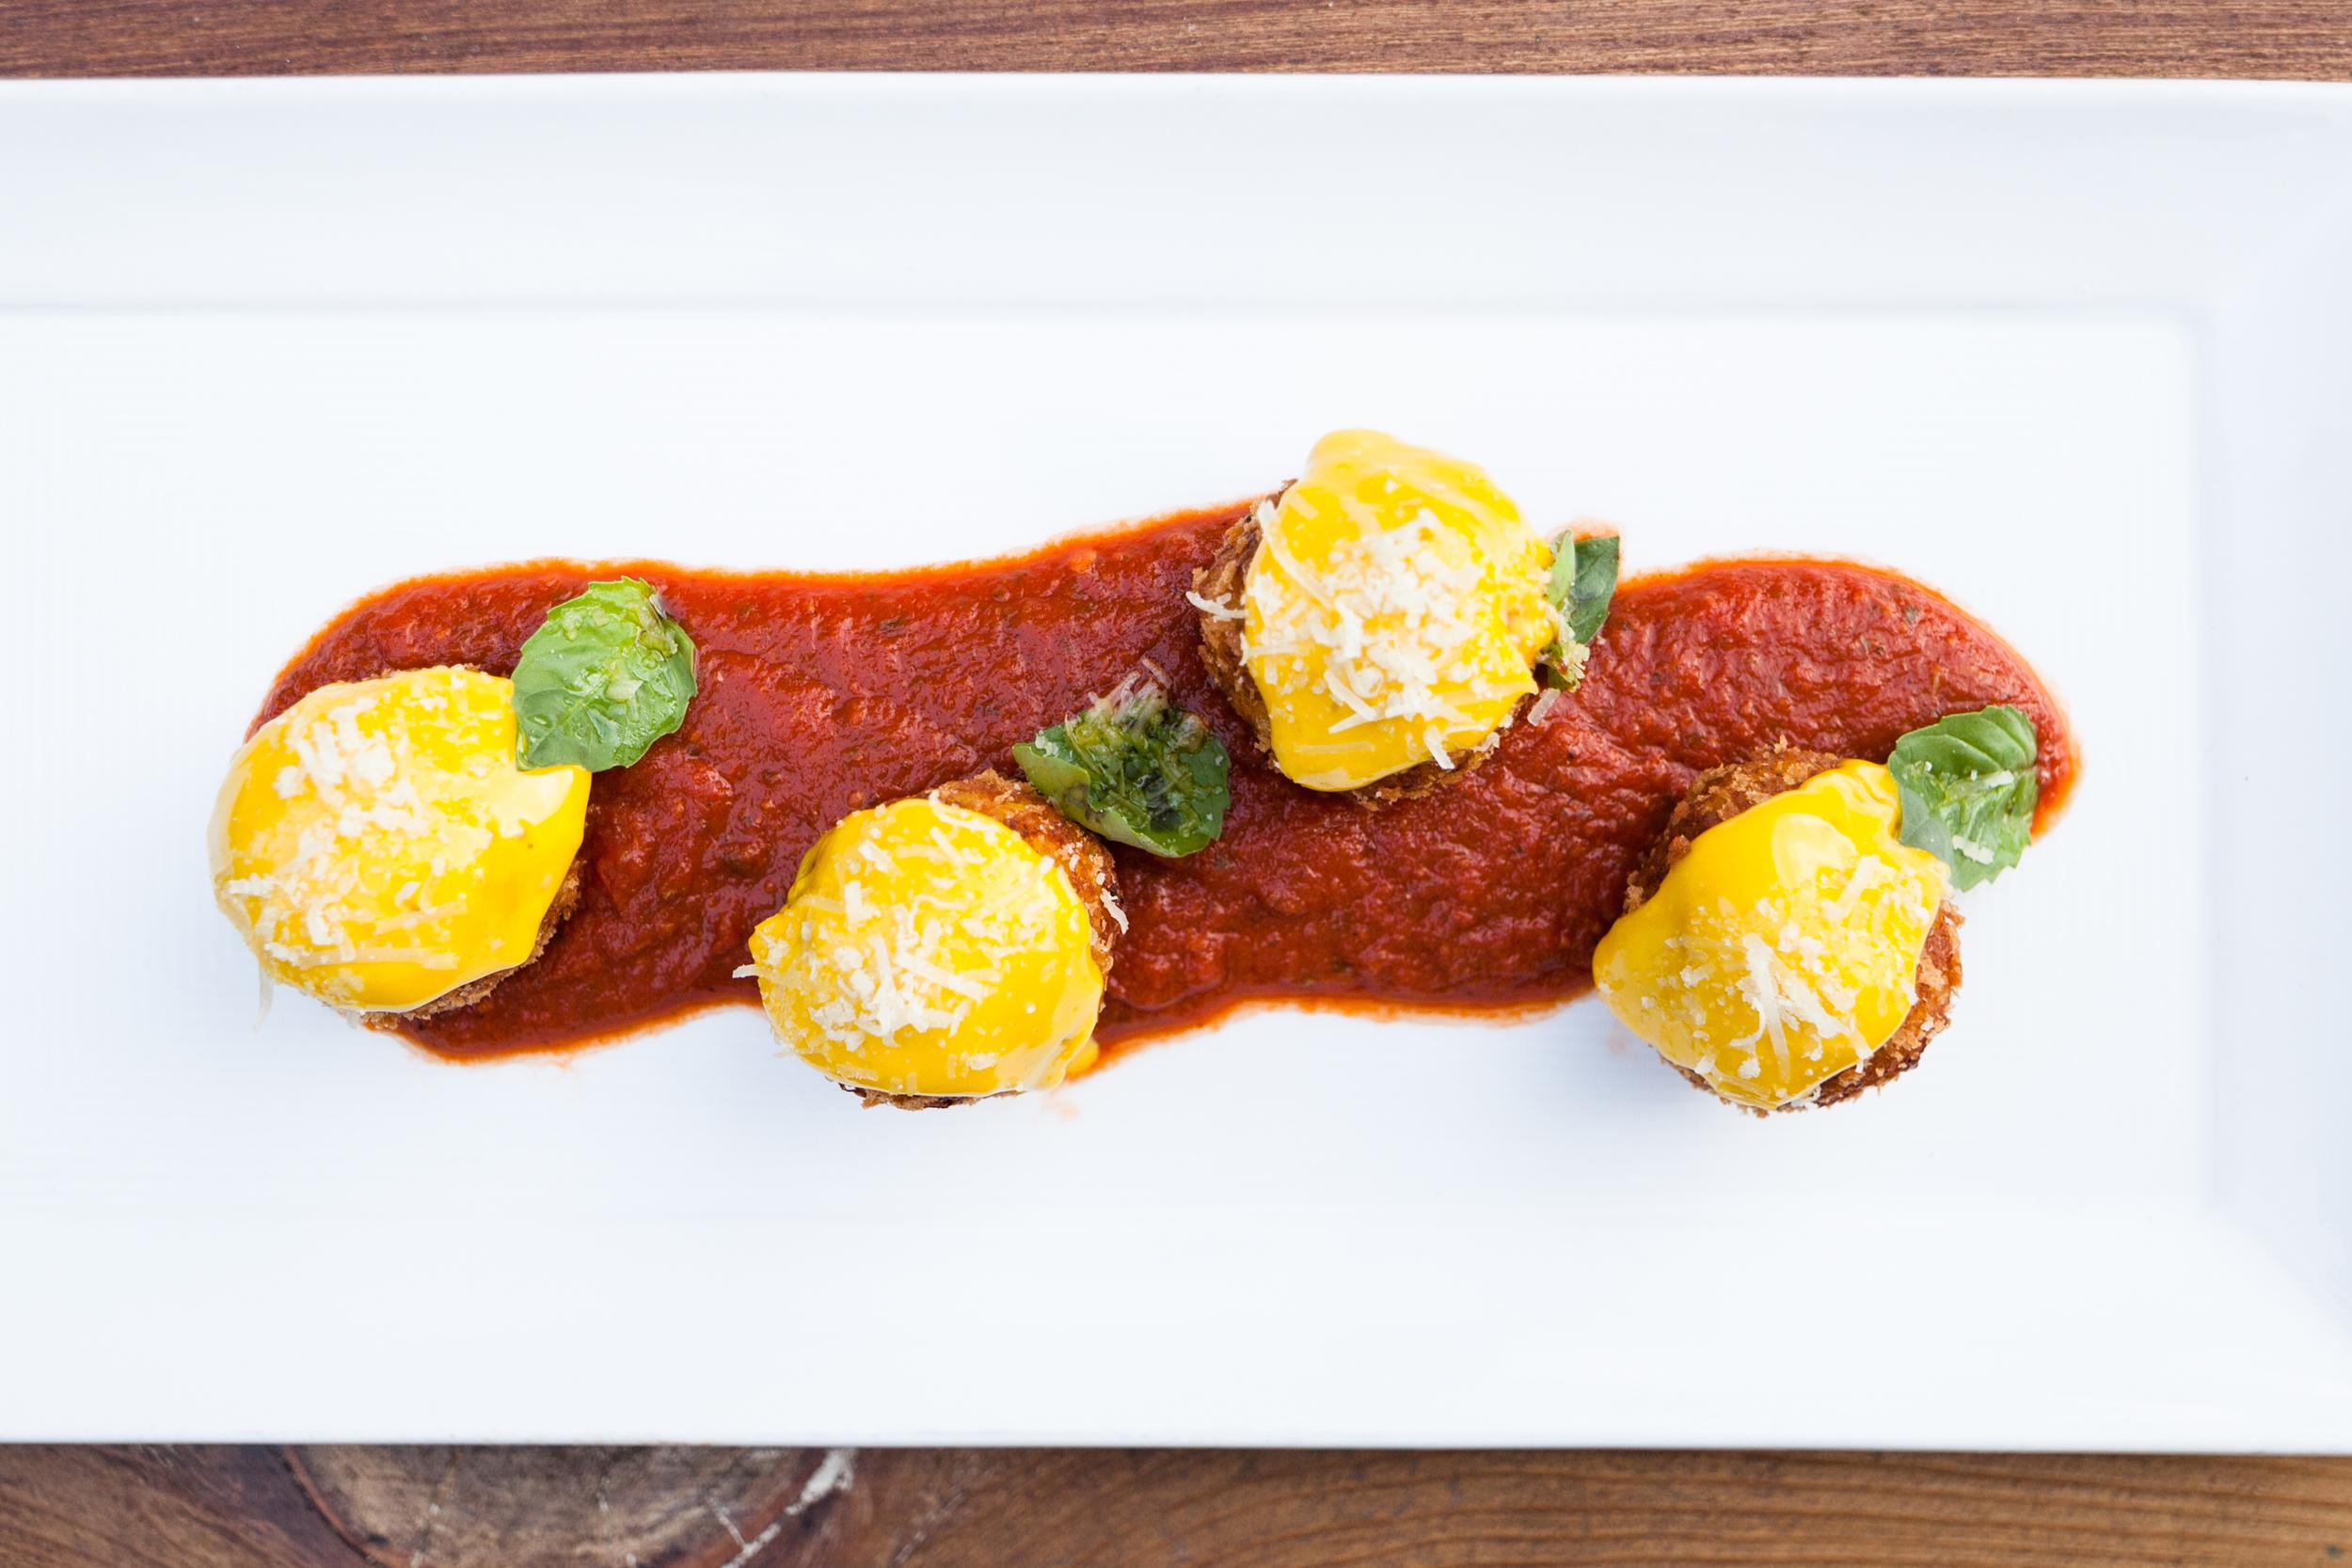 Food Photos-7.jpg